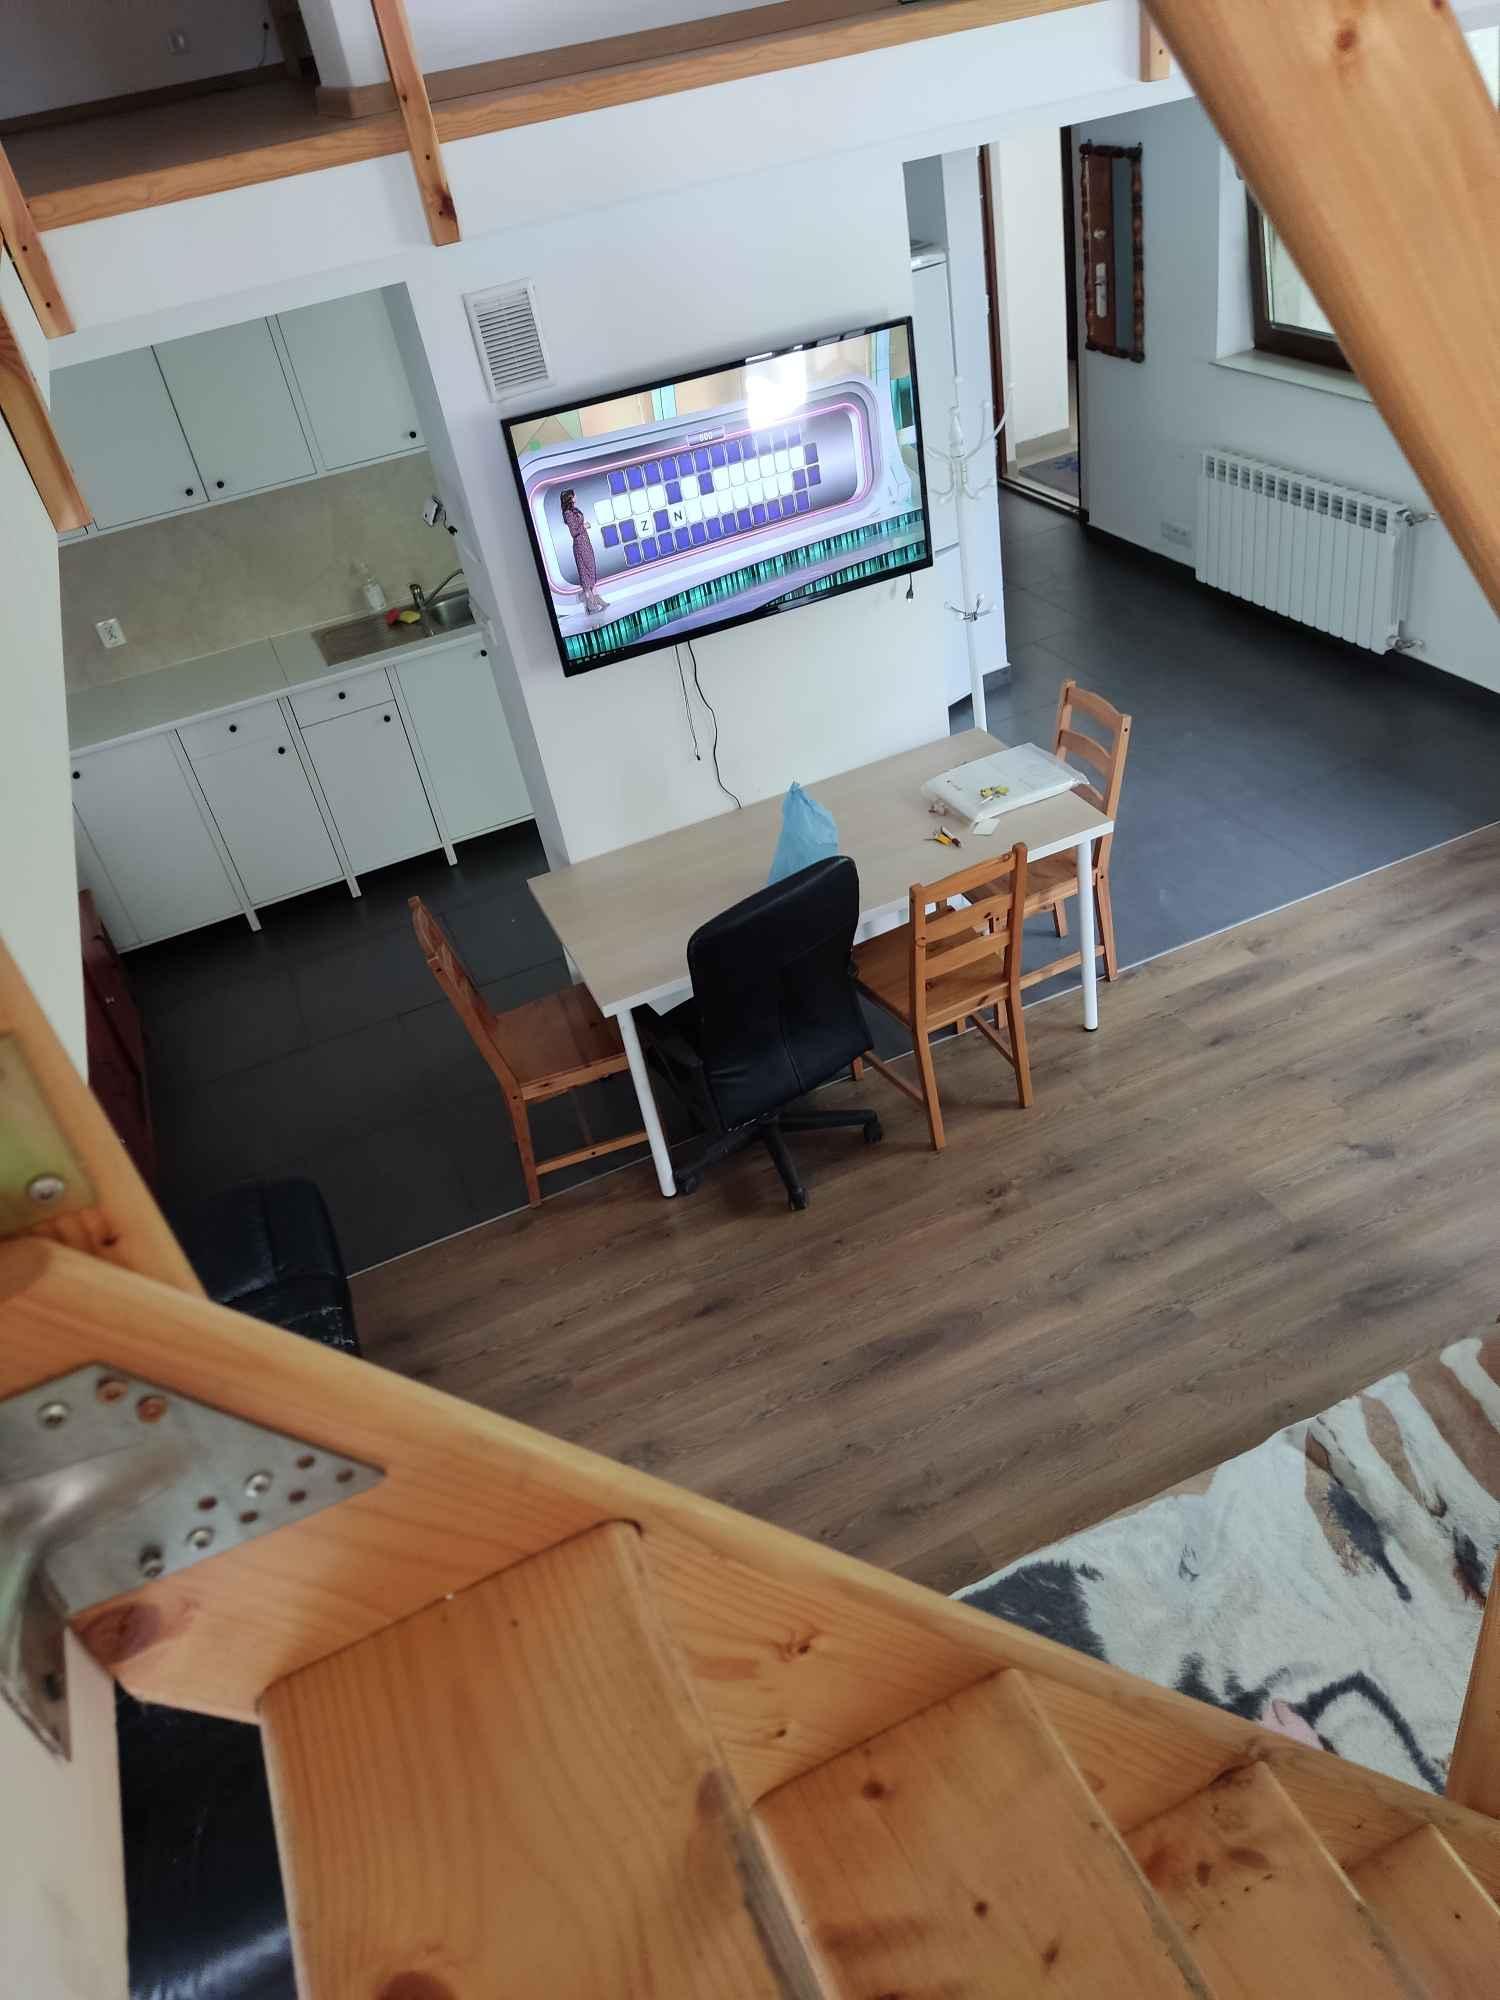 Kwatery pracownicze, noclegi, mieszkania Warka - zdjęcie 2